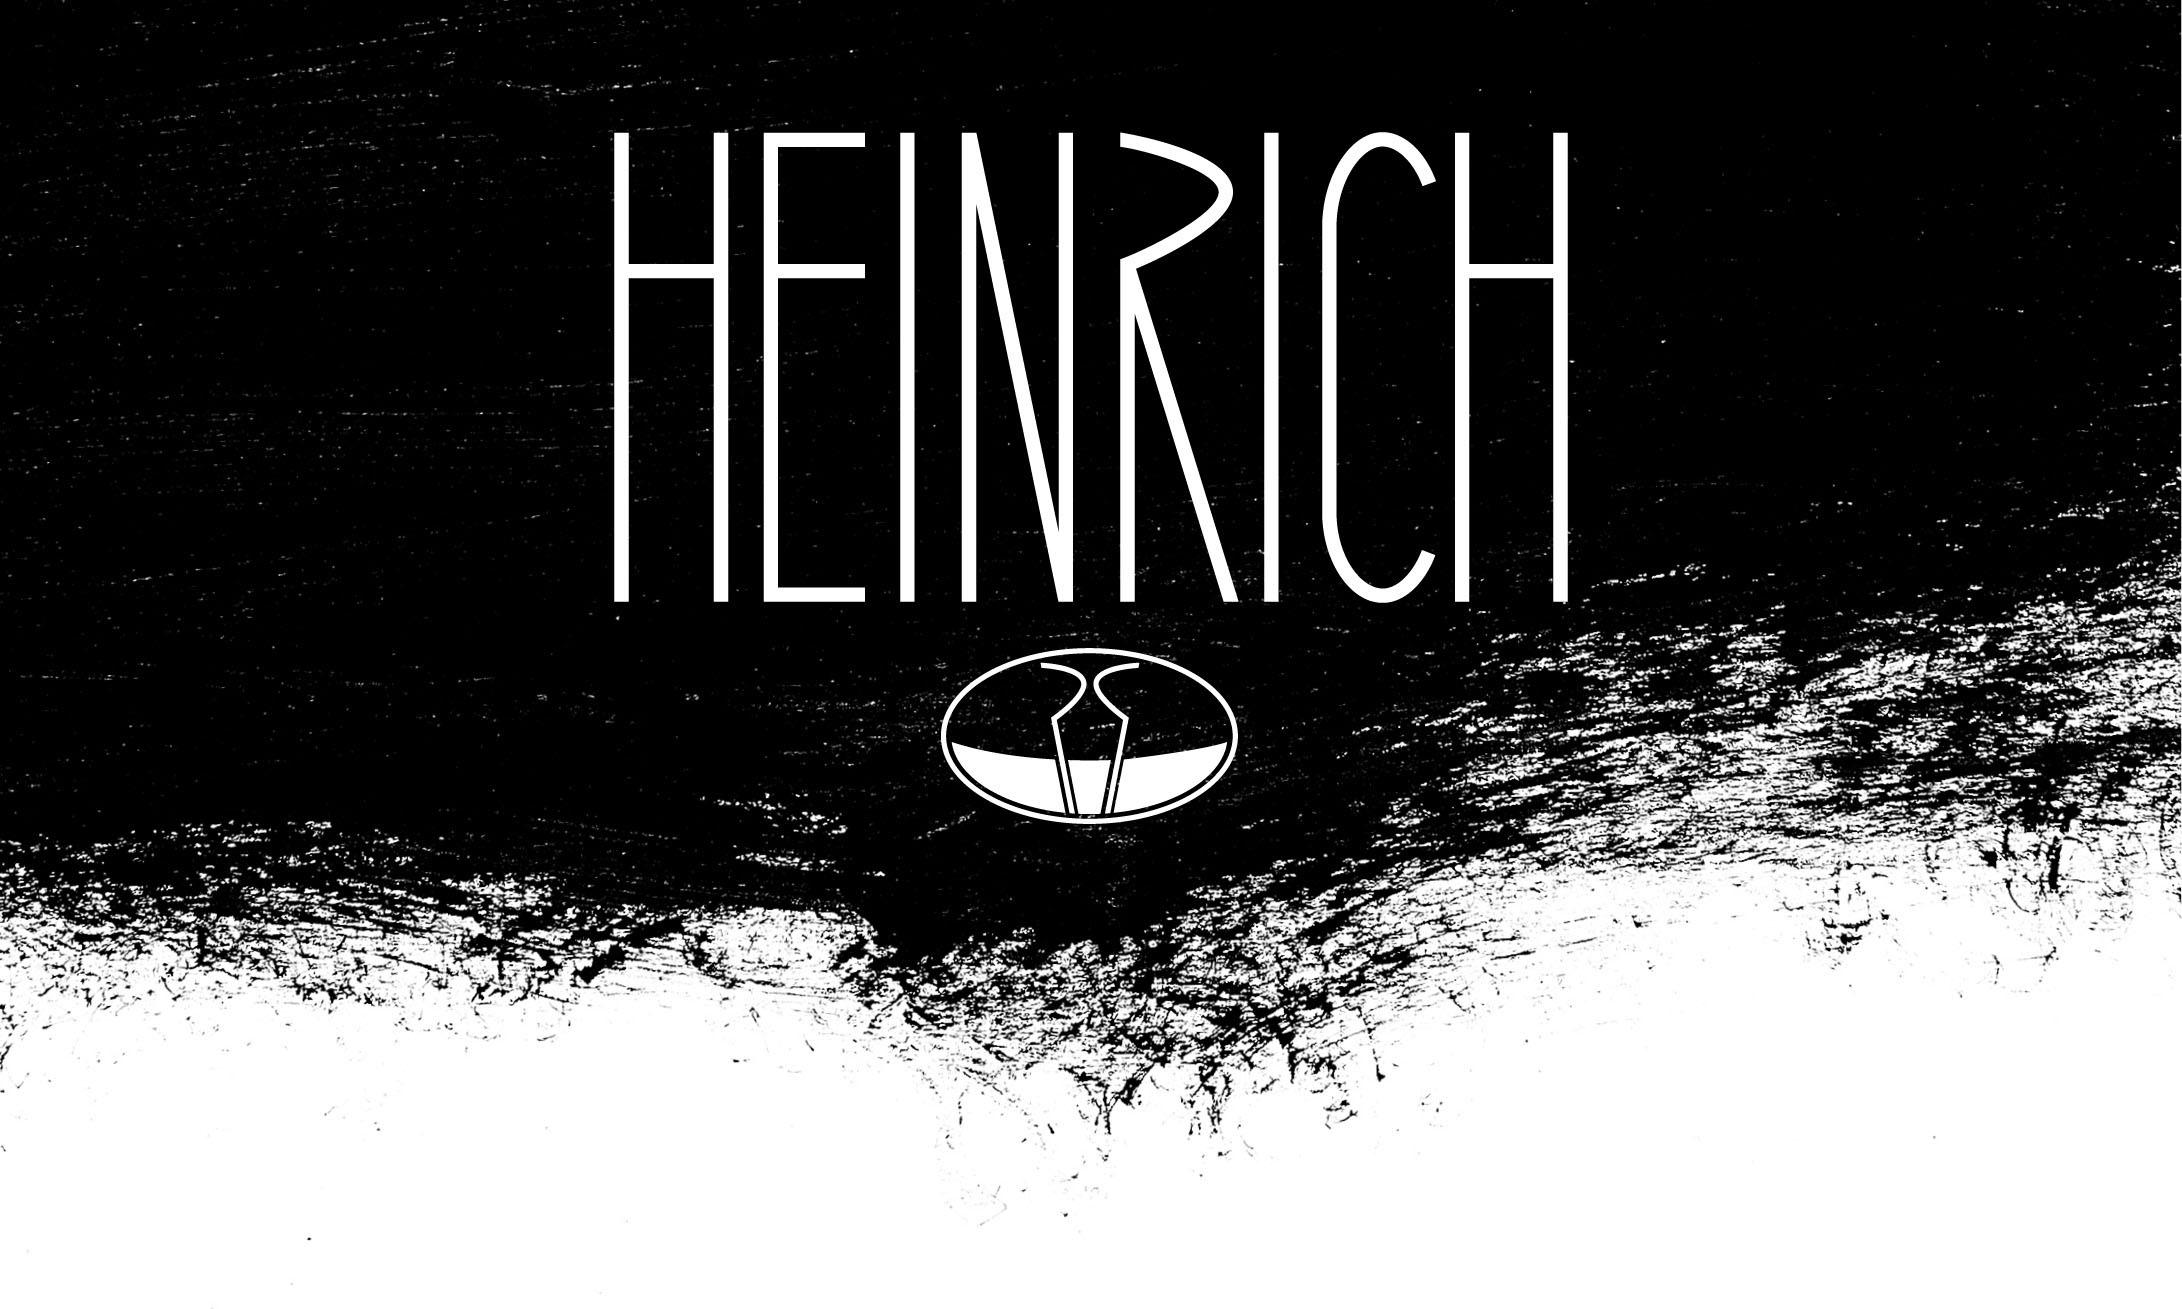 Weingut Gernot Heinrich